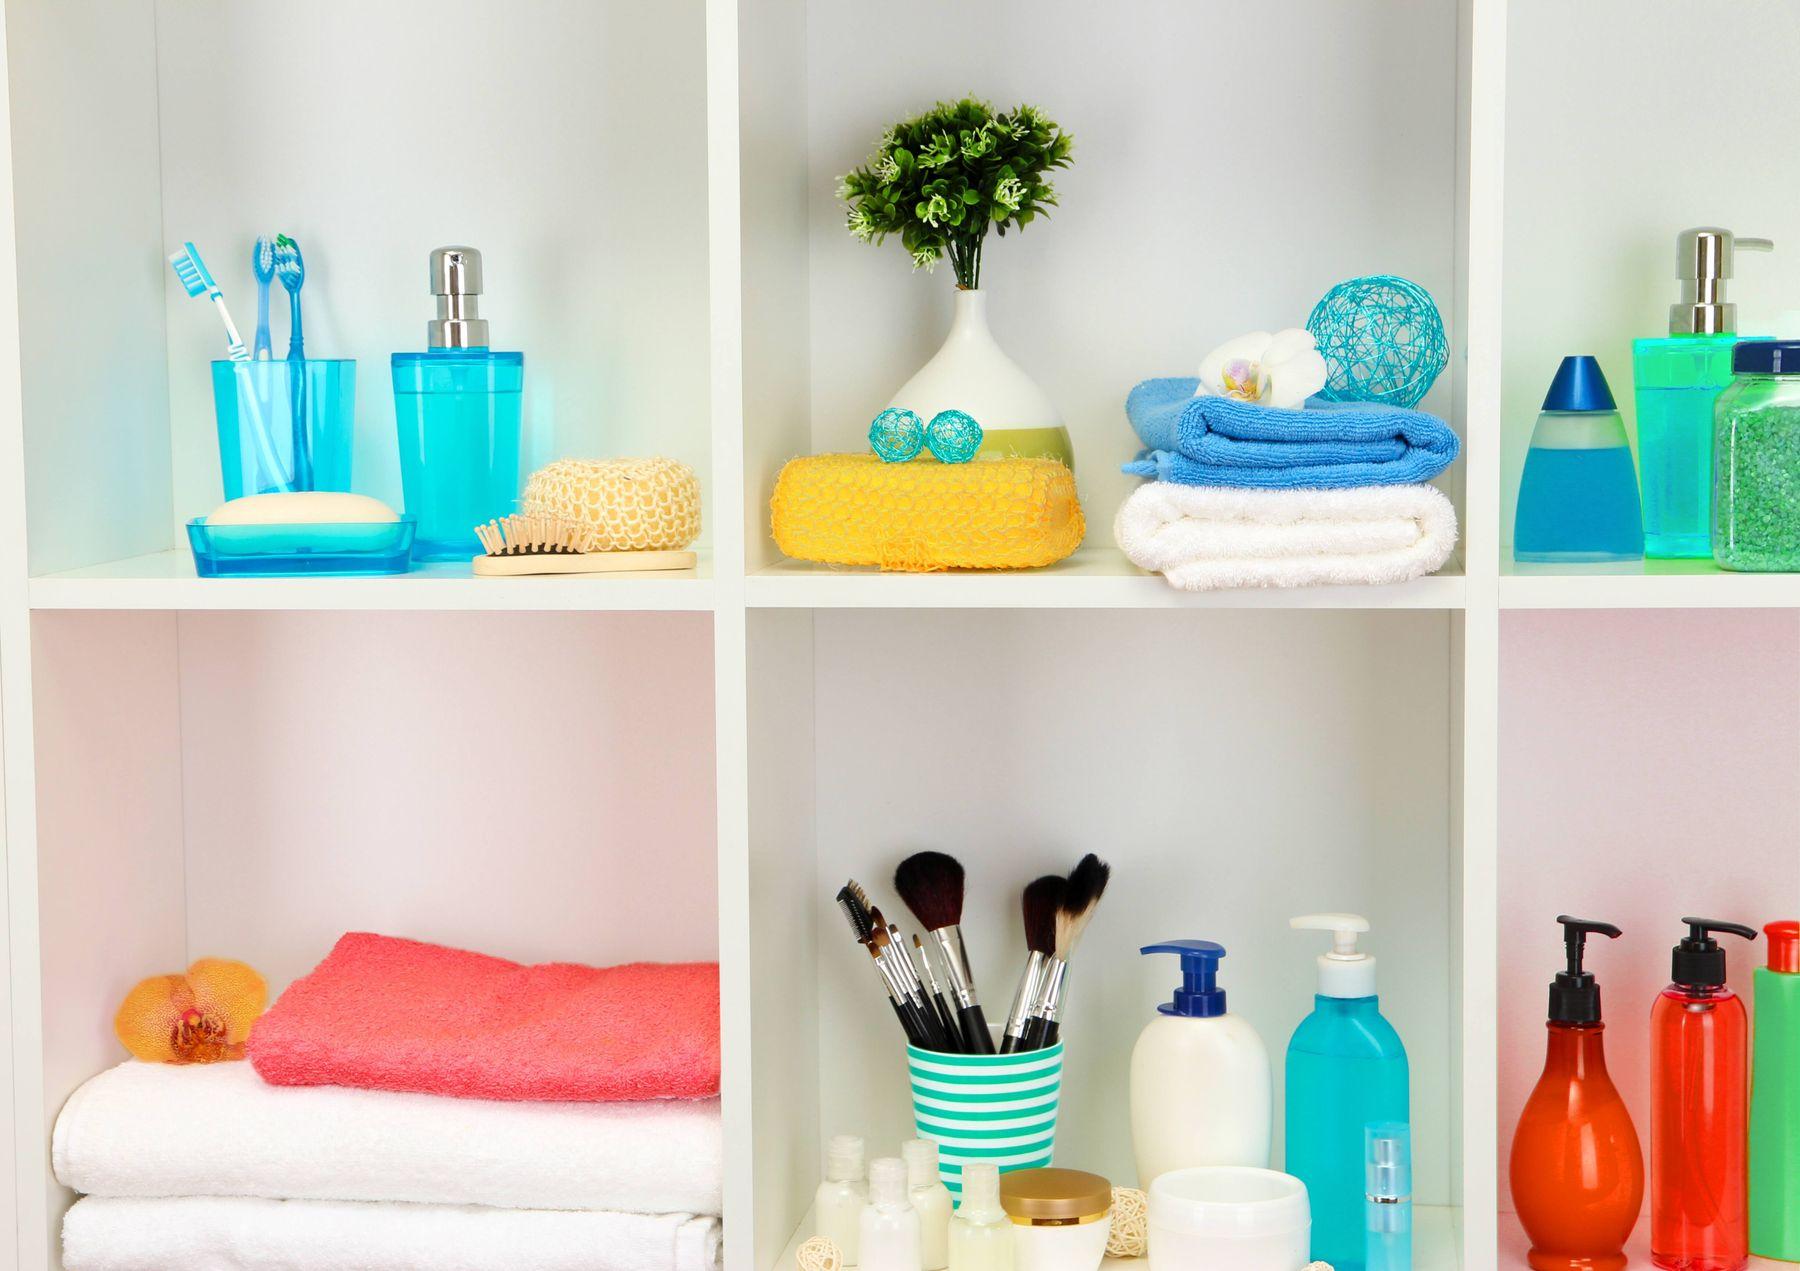 Armário do banheiro limpo e organizado com toalhas e frascos